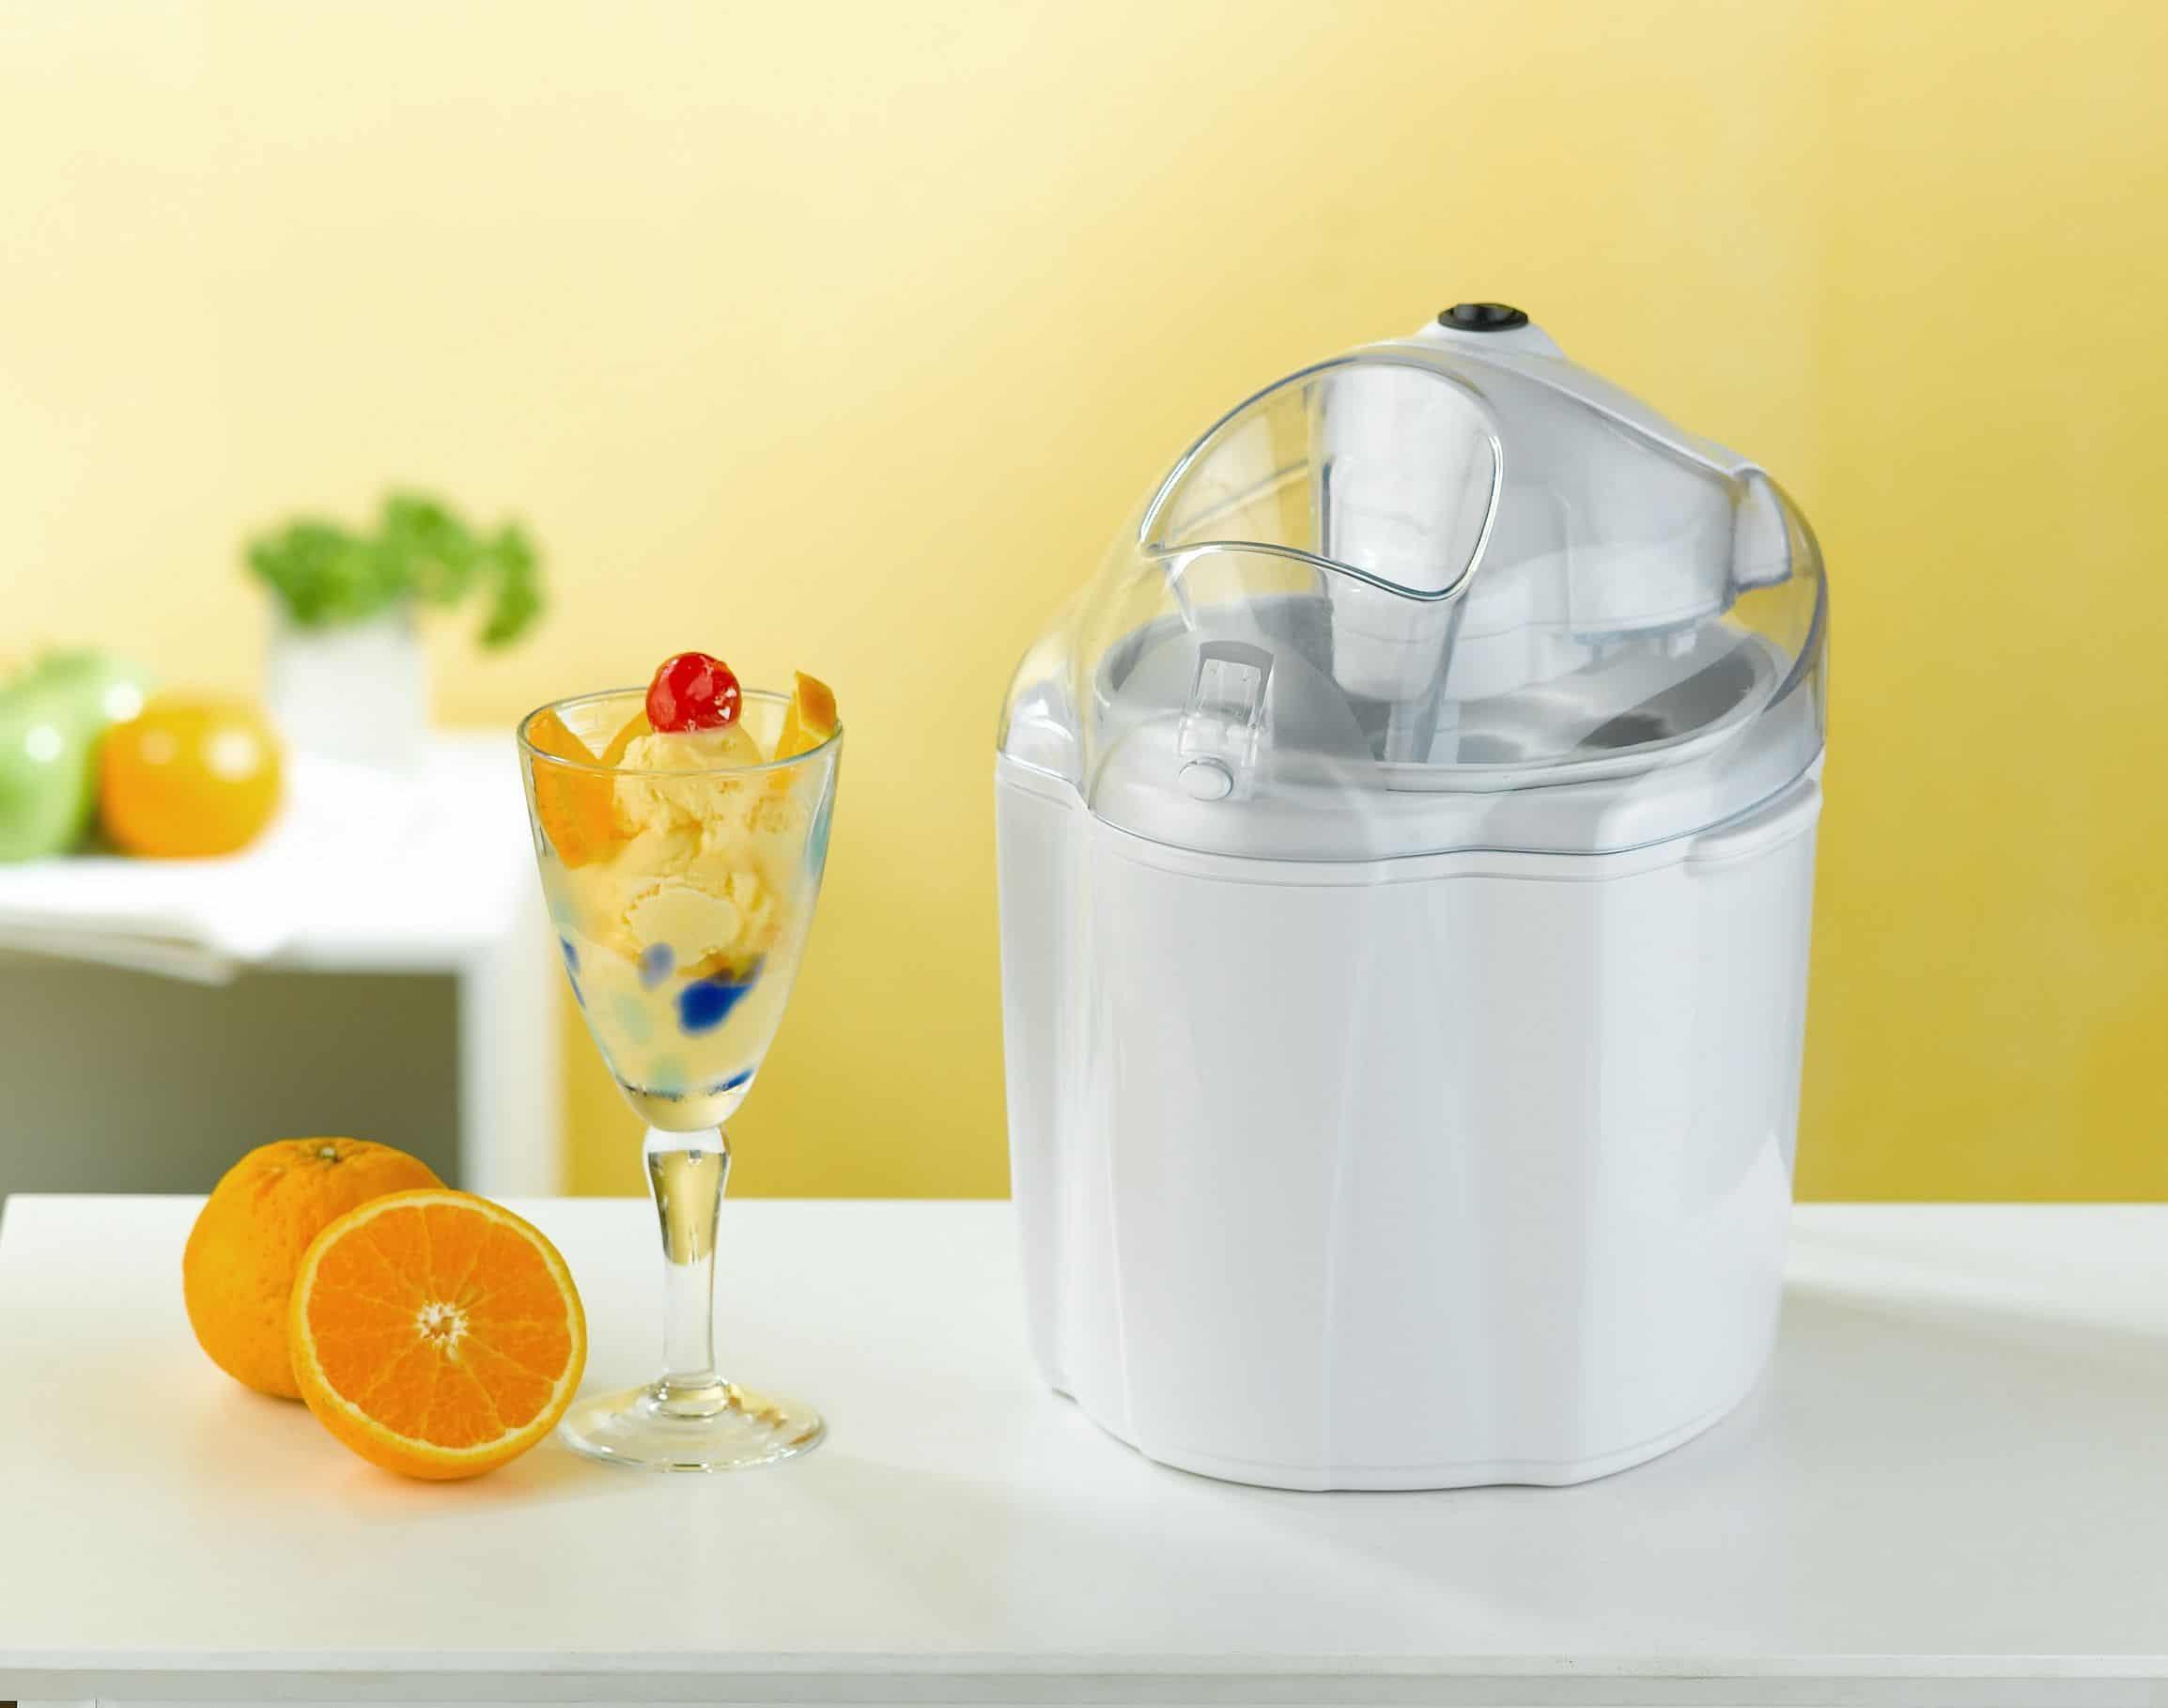 Imagem mostra taça de sorvete de frutas ao lado de máquina de sorvete doméstica com laranjas ao lado e outros ingredientes desfocados ao fundo.